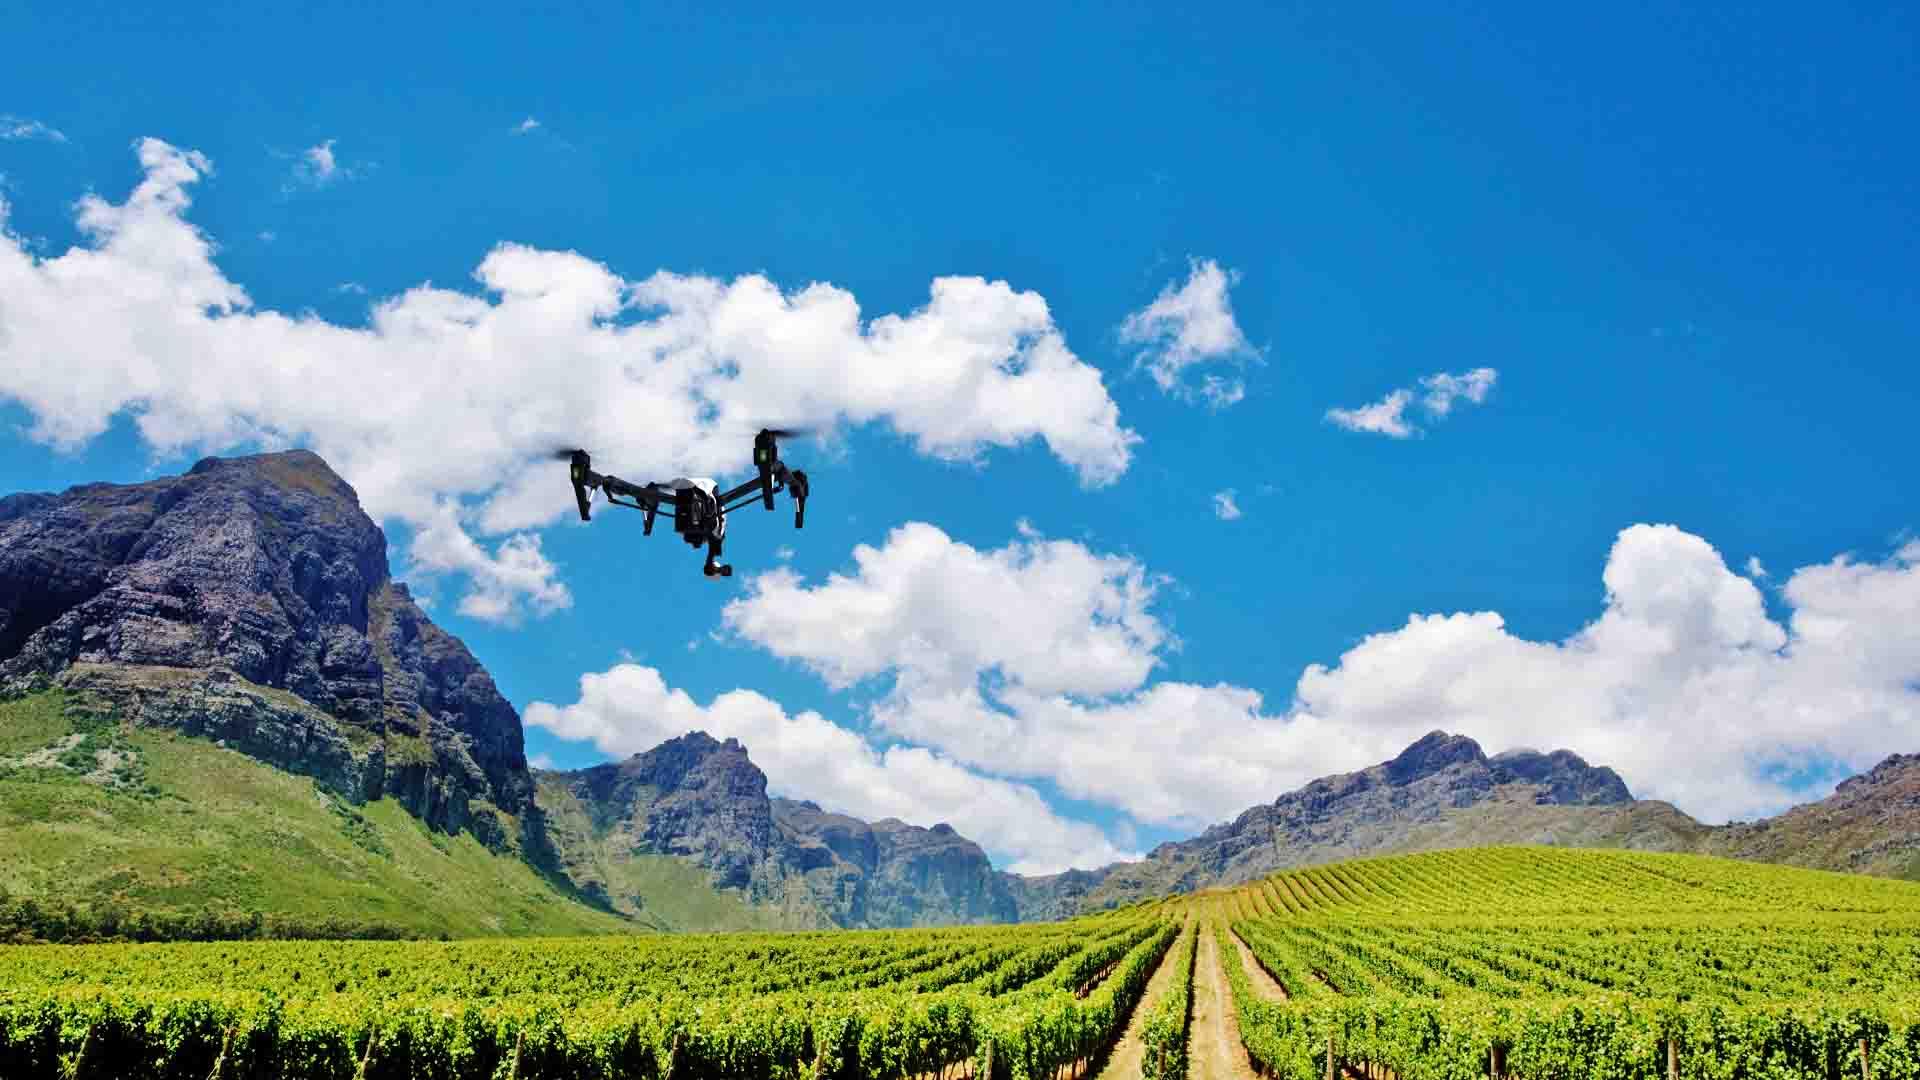 drone_vineyard_background